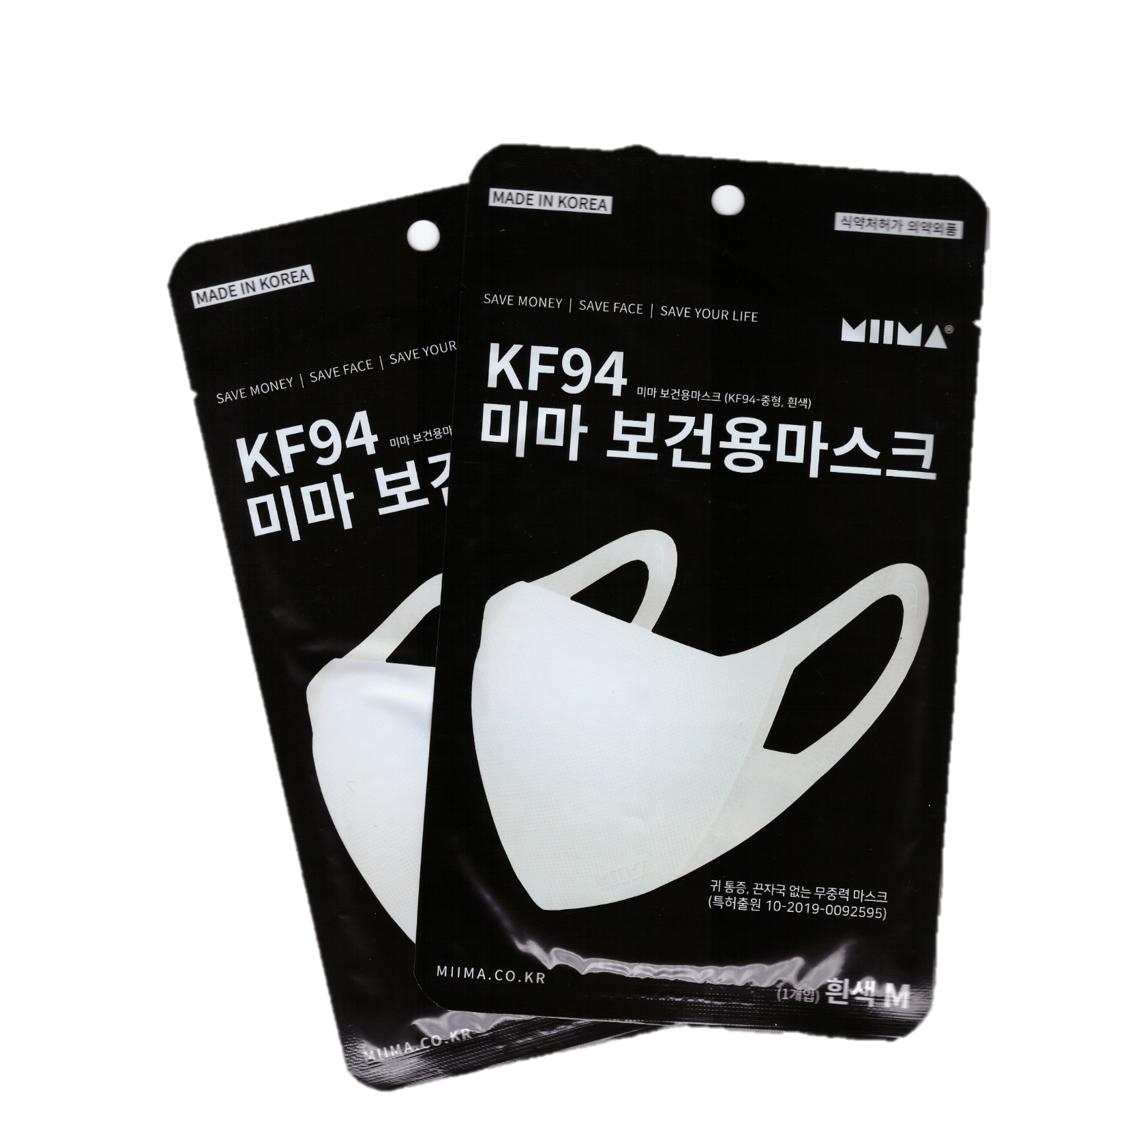 미마 보건용마스크 KF94 흰색 중형, 5팩, 10개 (POP 5503630011)